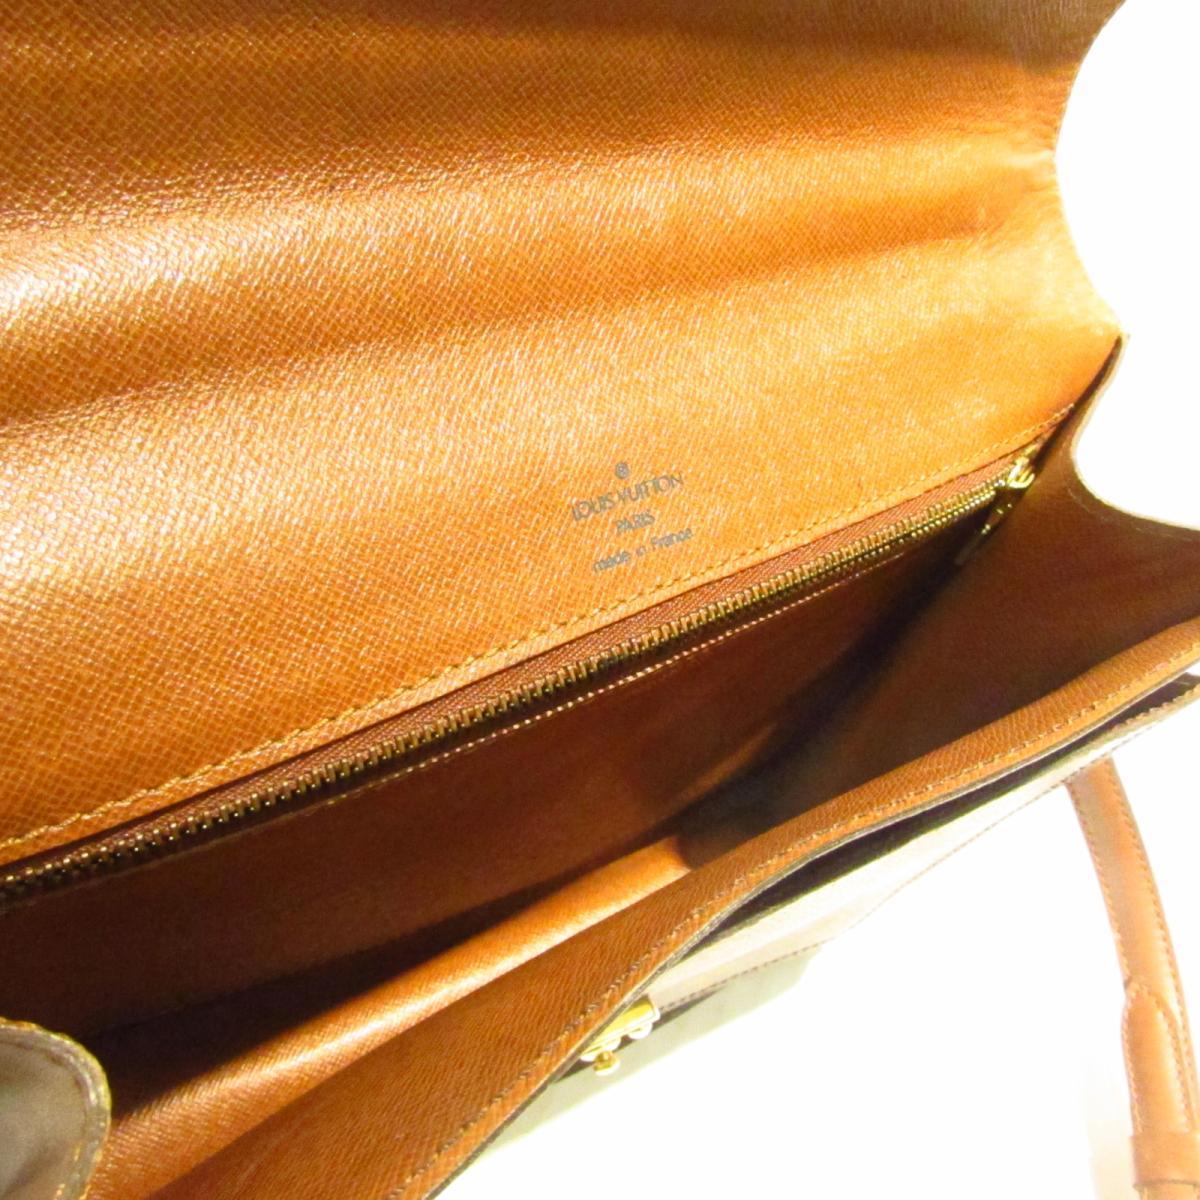 ルイヴィトン モンソー28 ショルダーバッグ レディースモノグラムM51185WdrCoxBe